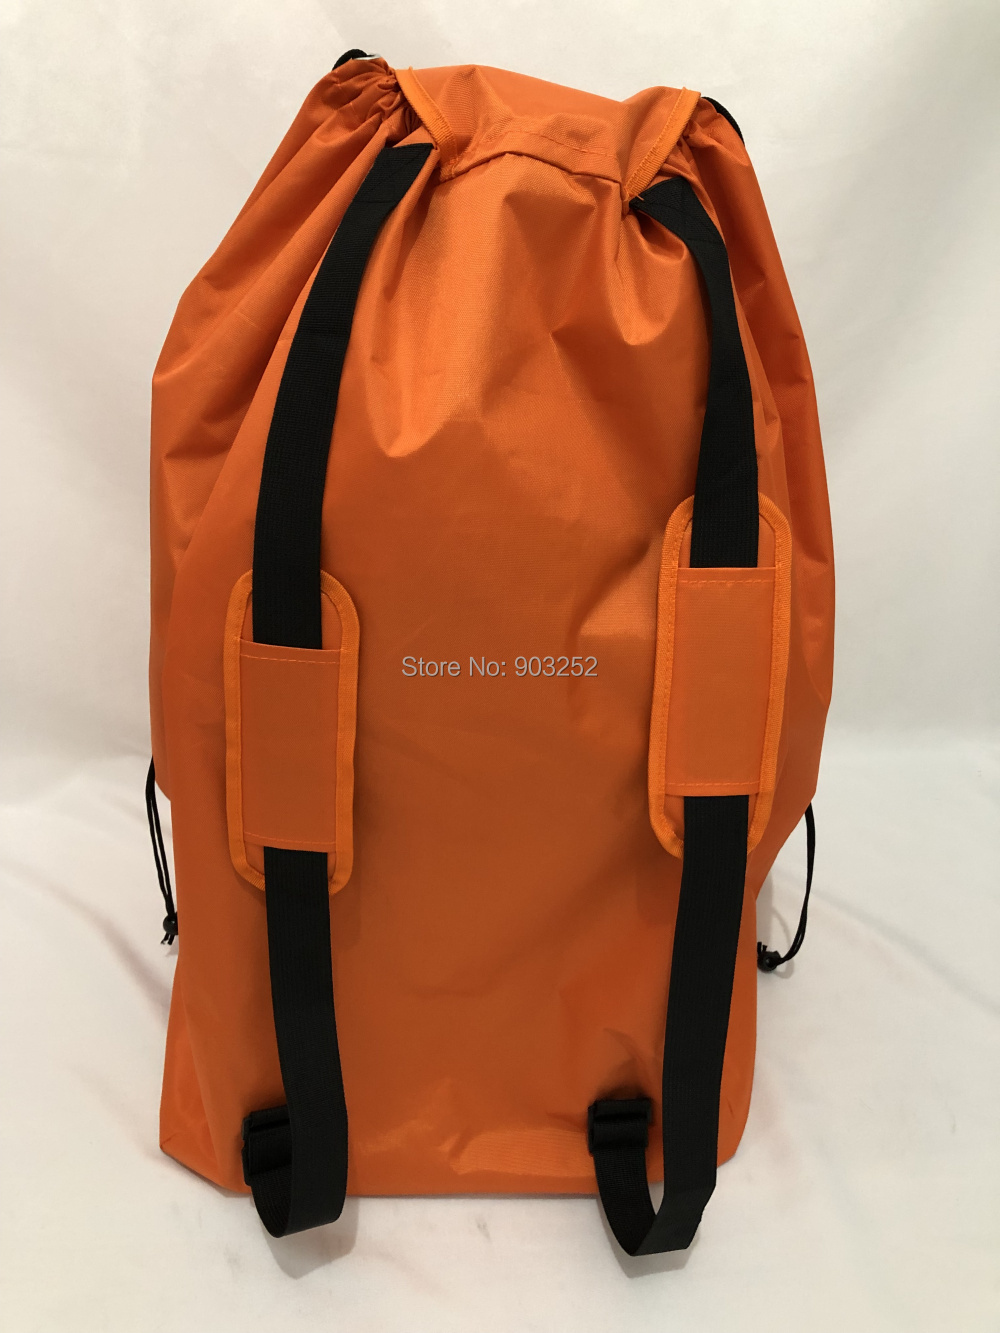 Дорожная сумка для автомобильных сидений-облегчает путешествие и экономит деньги. Carseat Carrier для аэропорта-защитите сиденья и коляску вашего ребенка